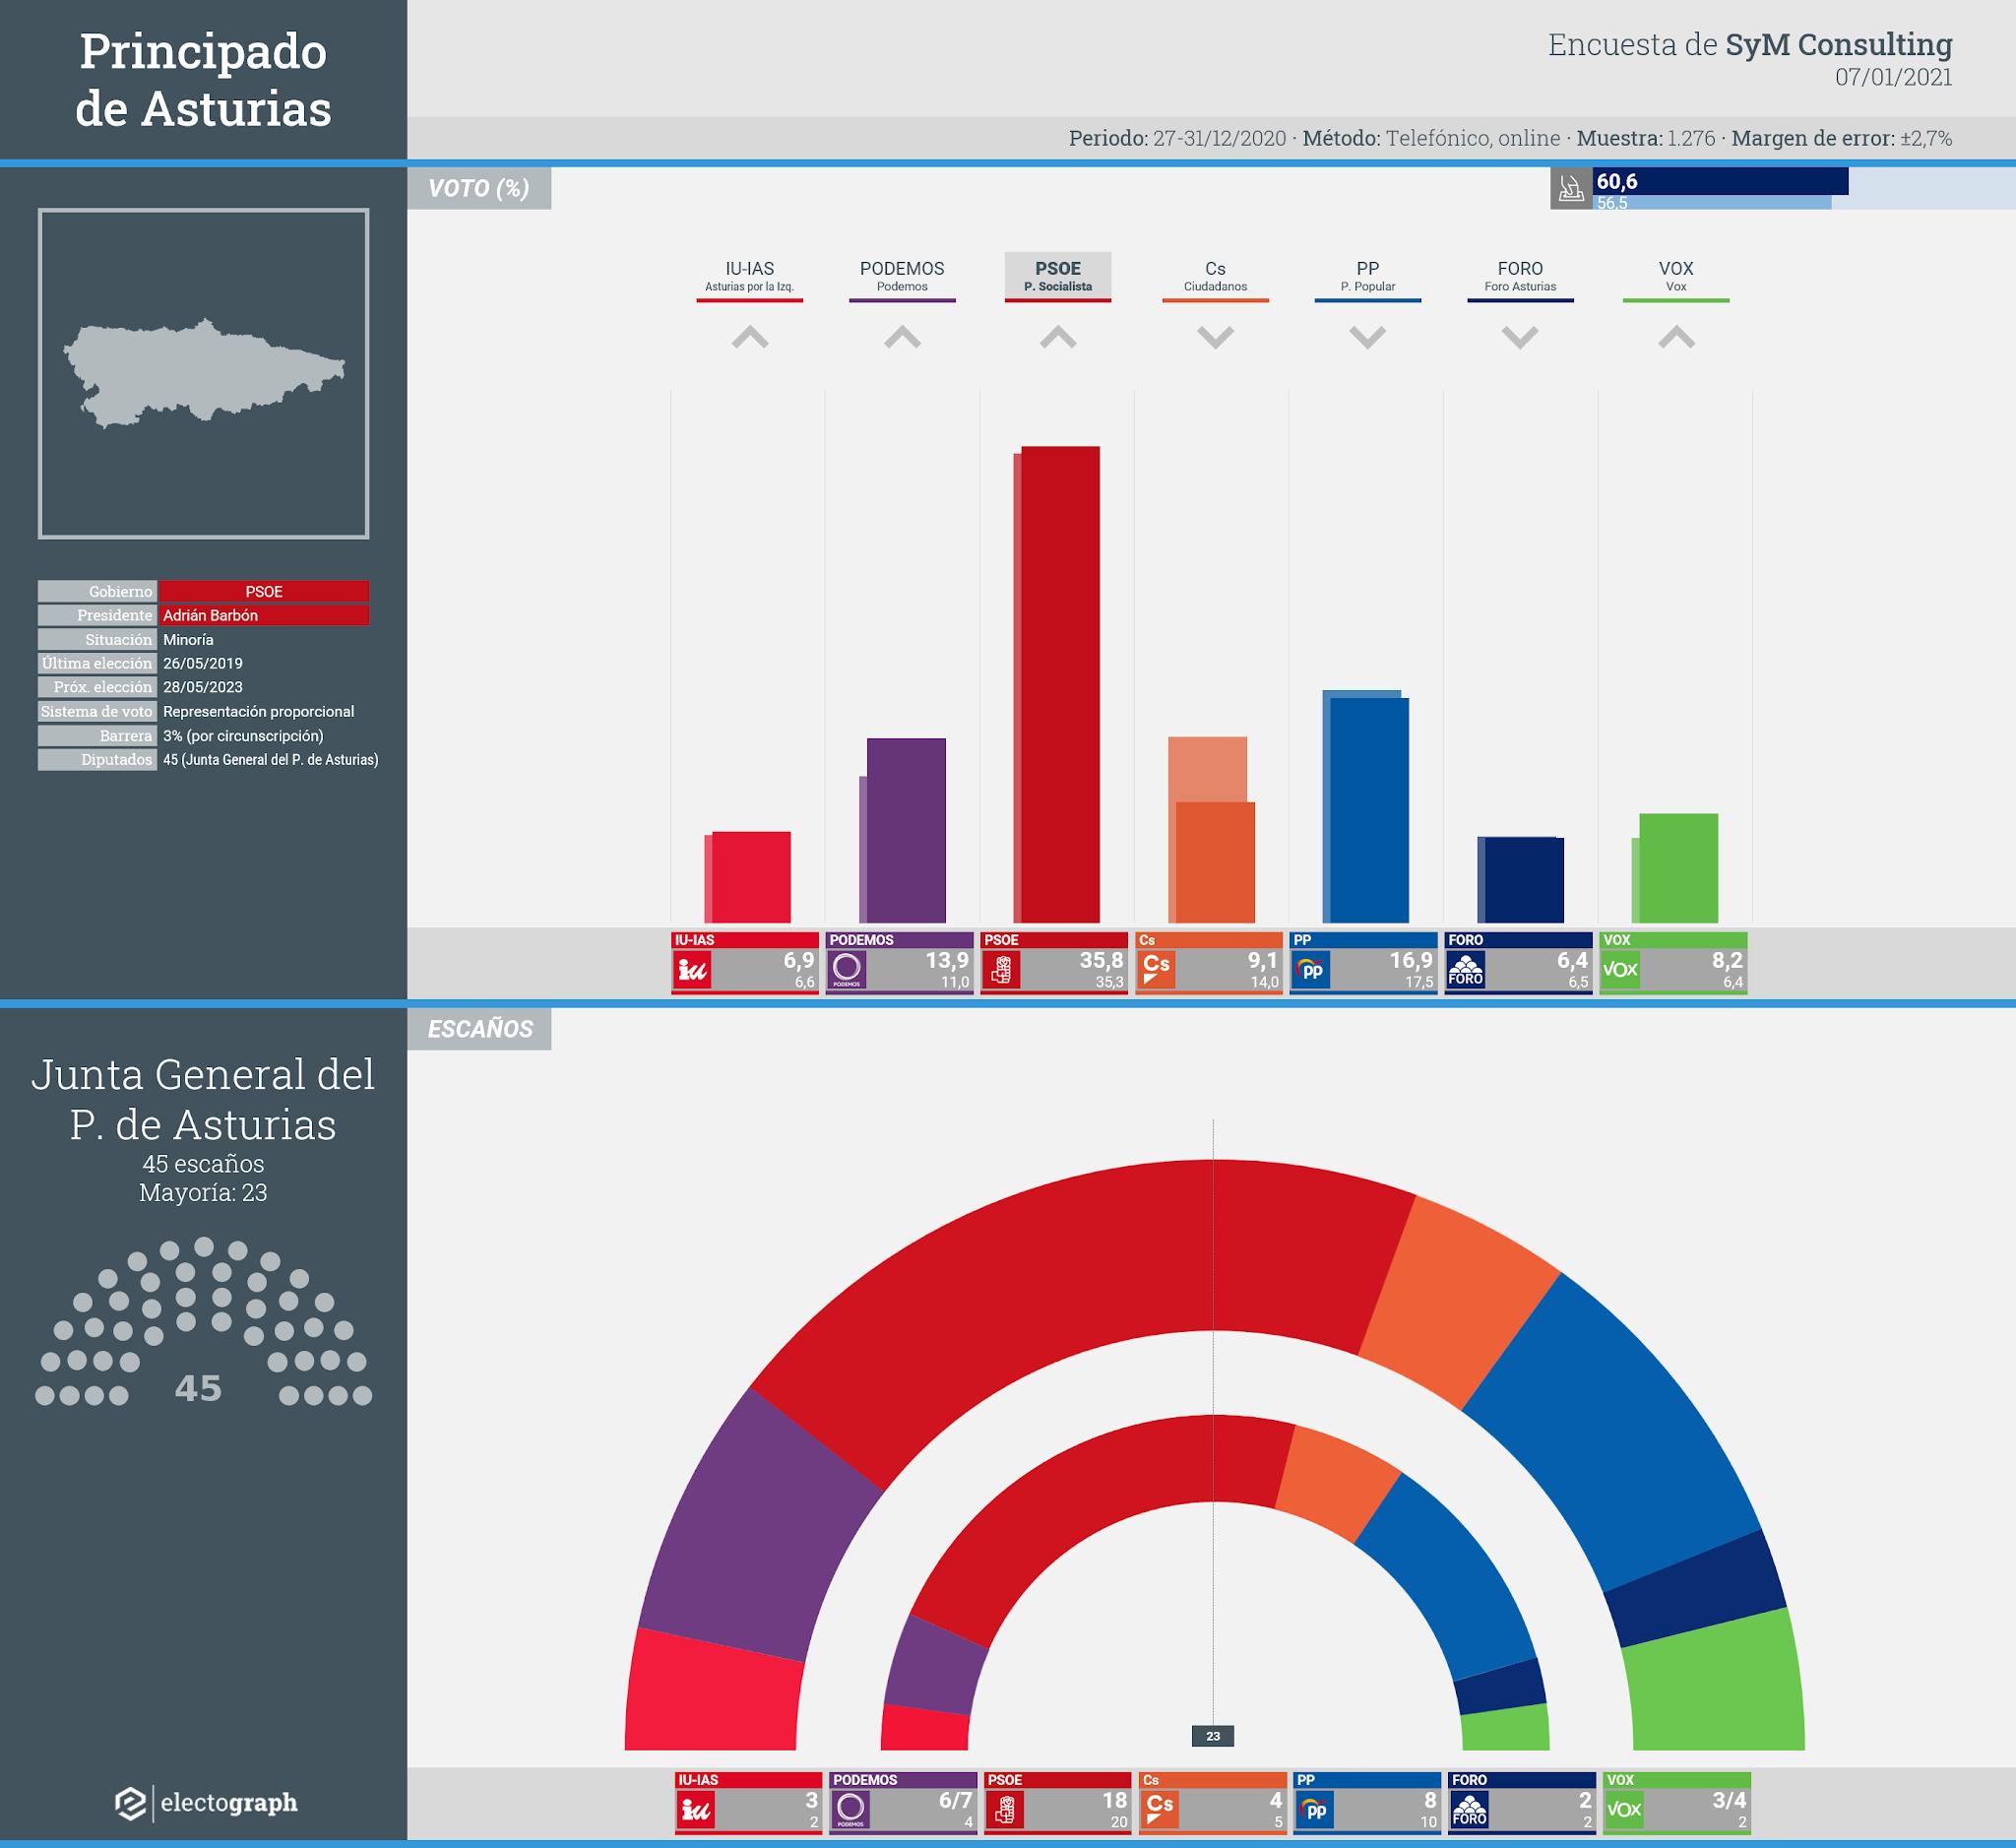 Gráfico de la encuesta para elecciones autonómicas en Asturias realizada por SyM Consulting, 7 de enero de 2021